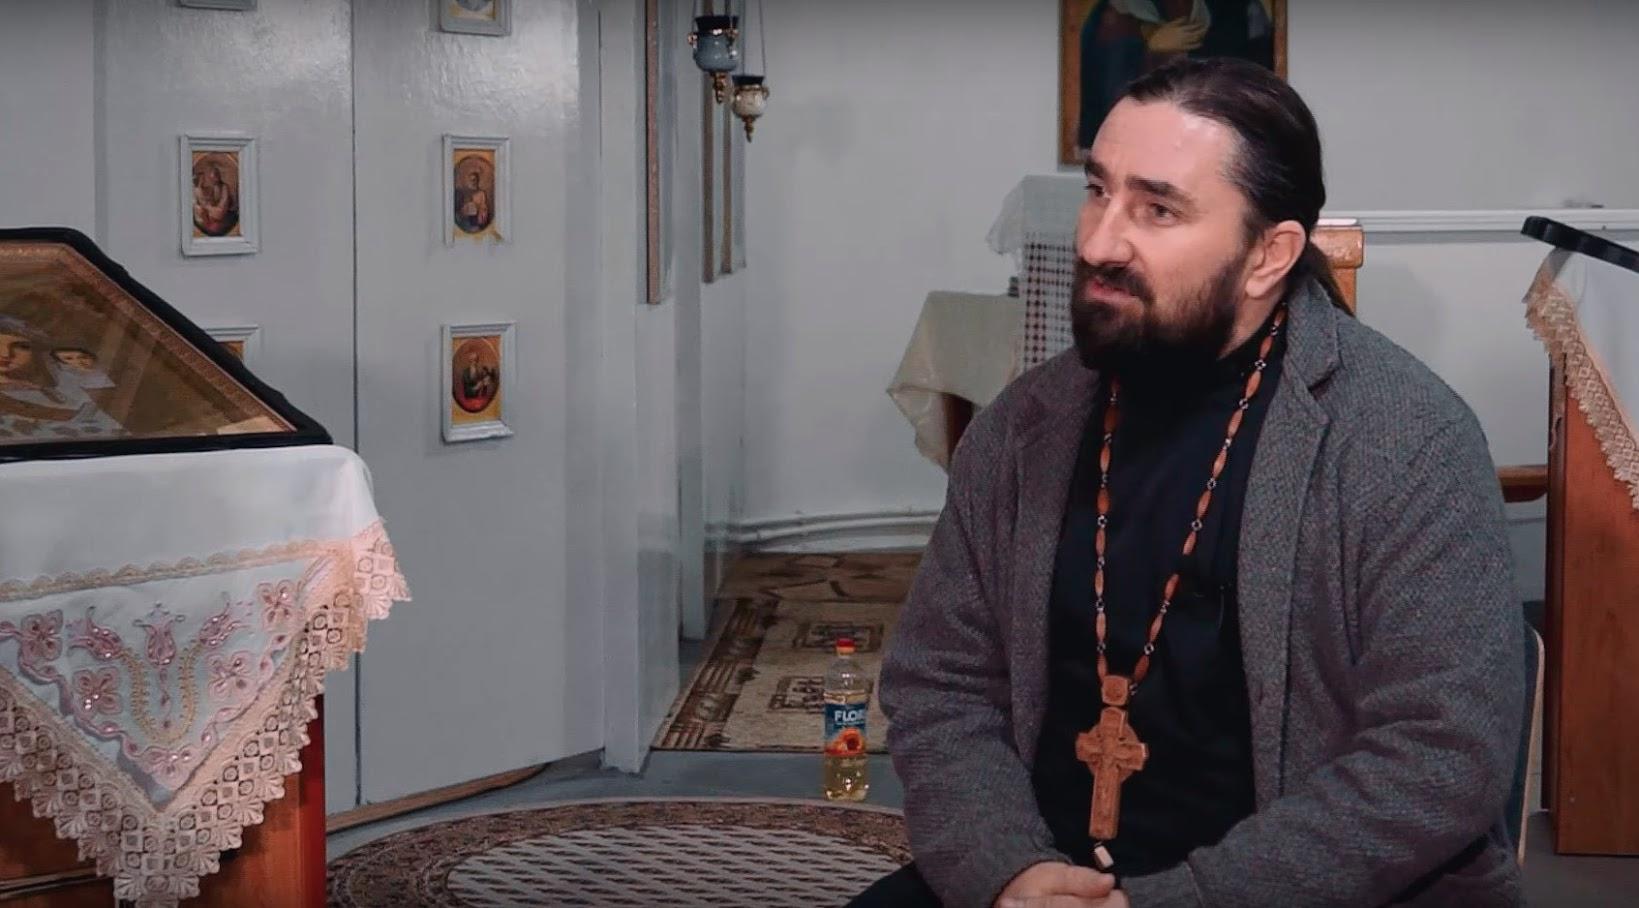 (ВИДЕО) Прот. Михаил Каледжи: «Если храм есть, значит есть душа в этом селе»